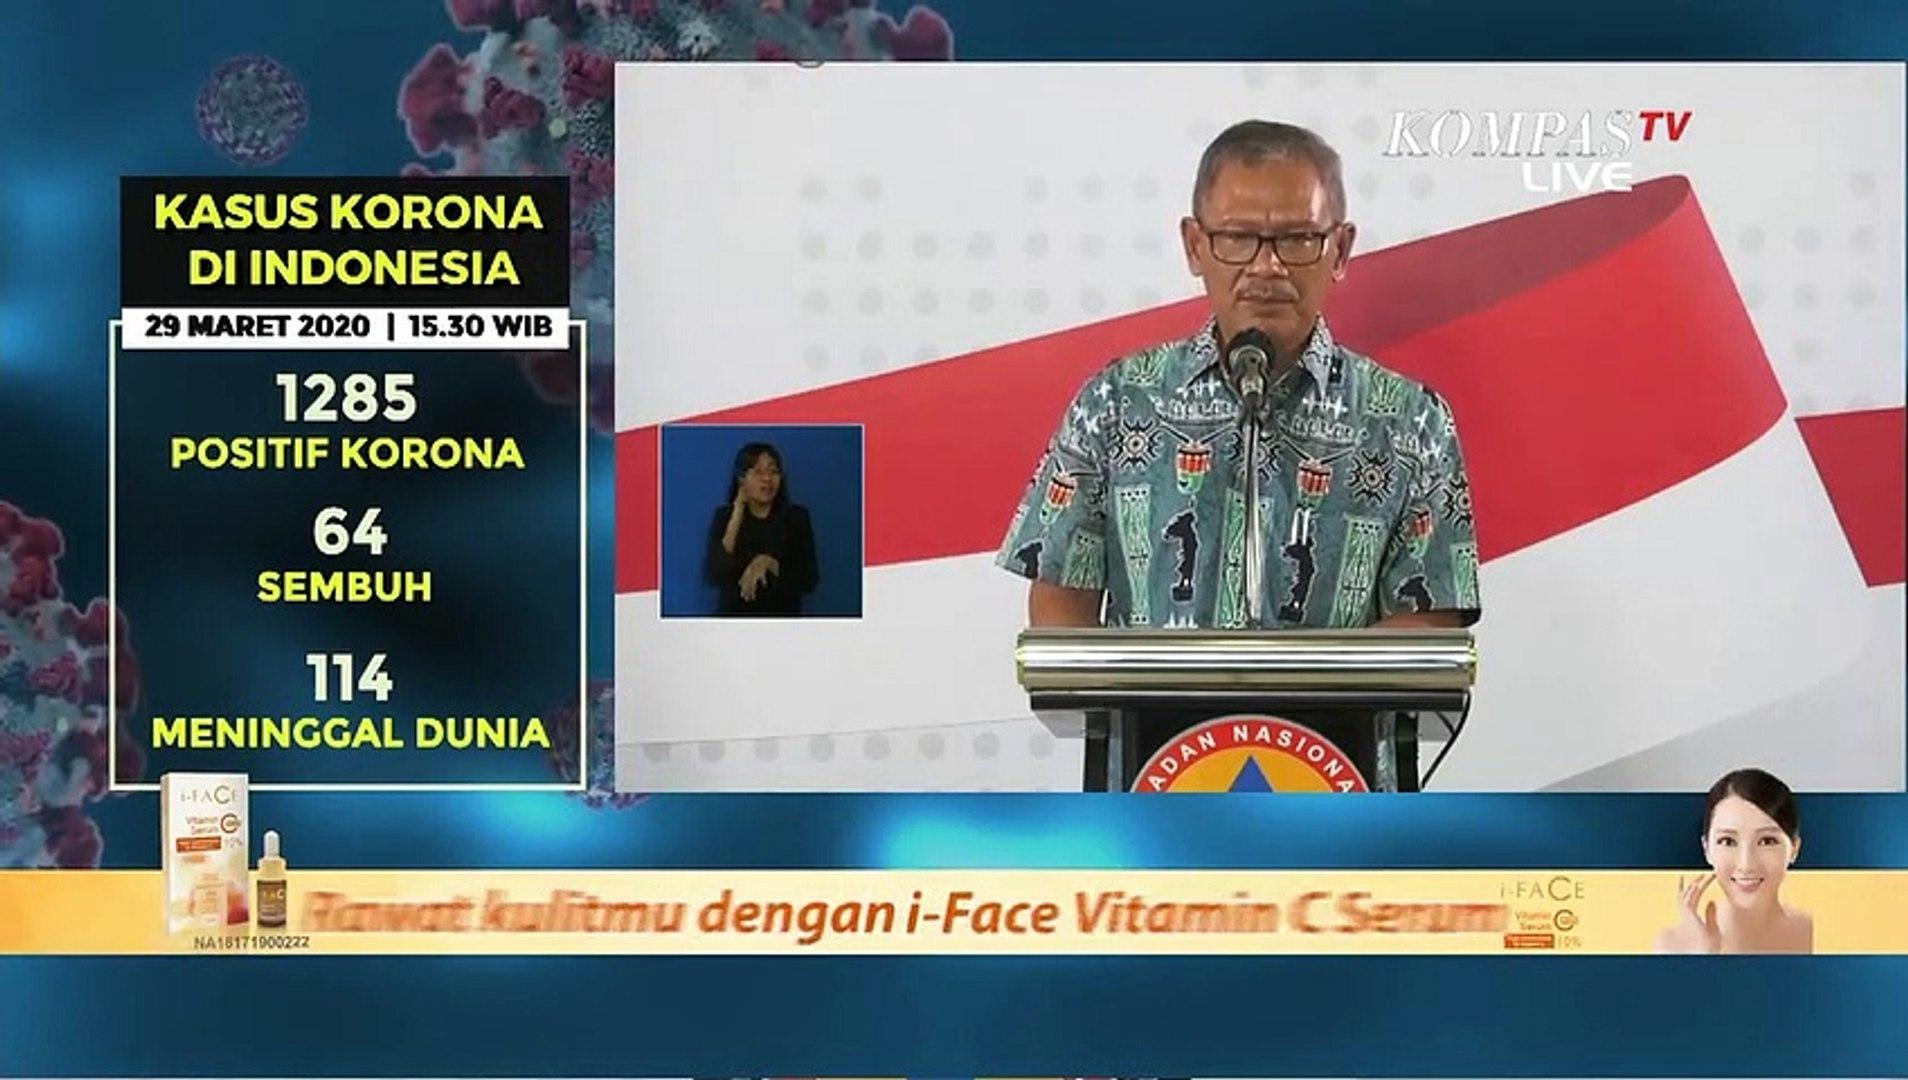 [UPDATE] 1285 Orang Positif Corona di Indonesia per Minggu (29/3/2020)